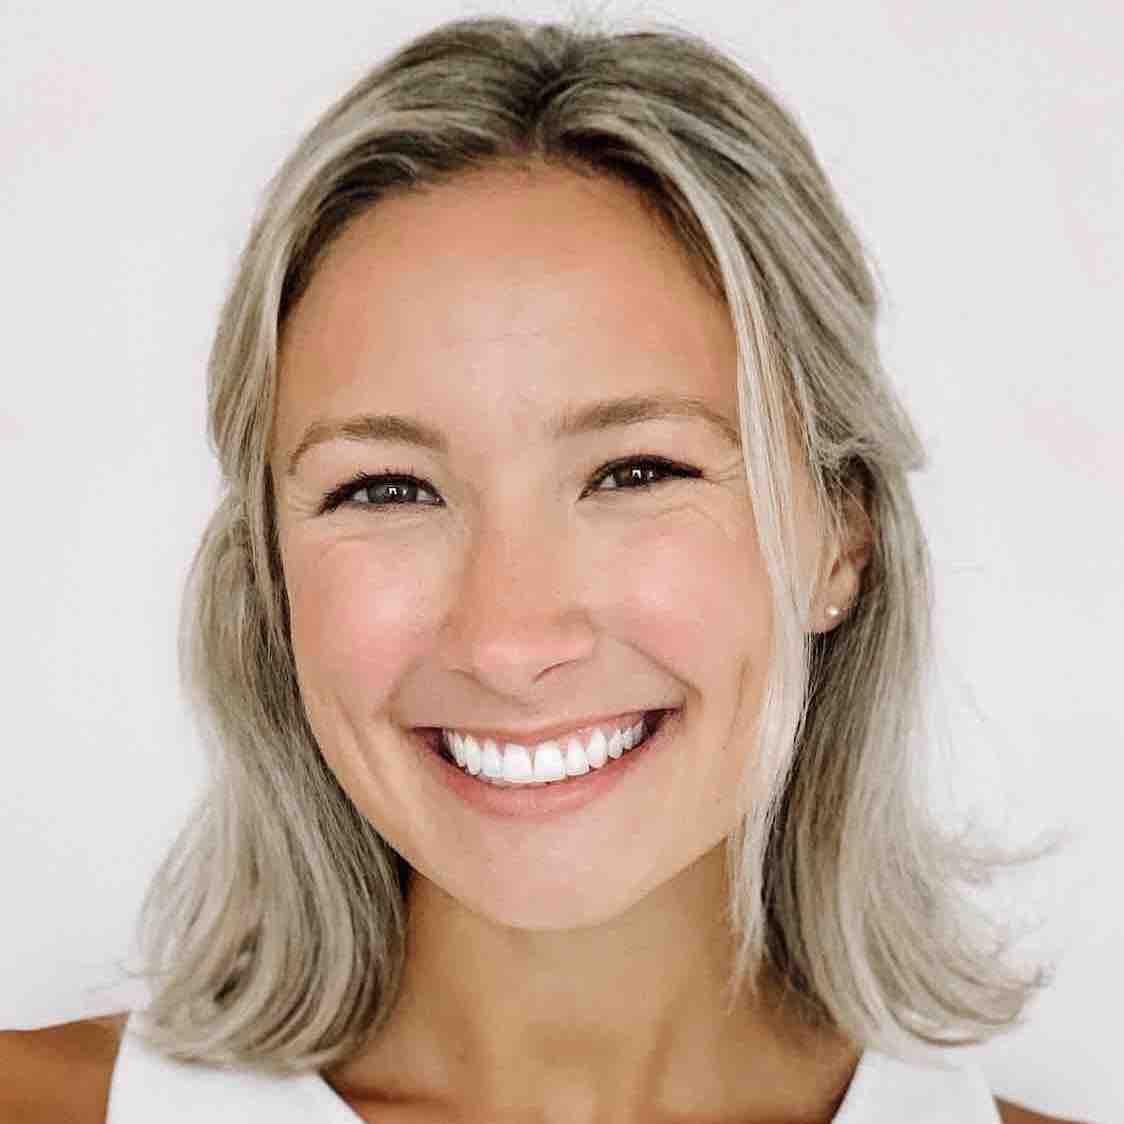 Alexandra Luzier